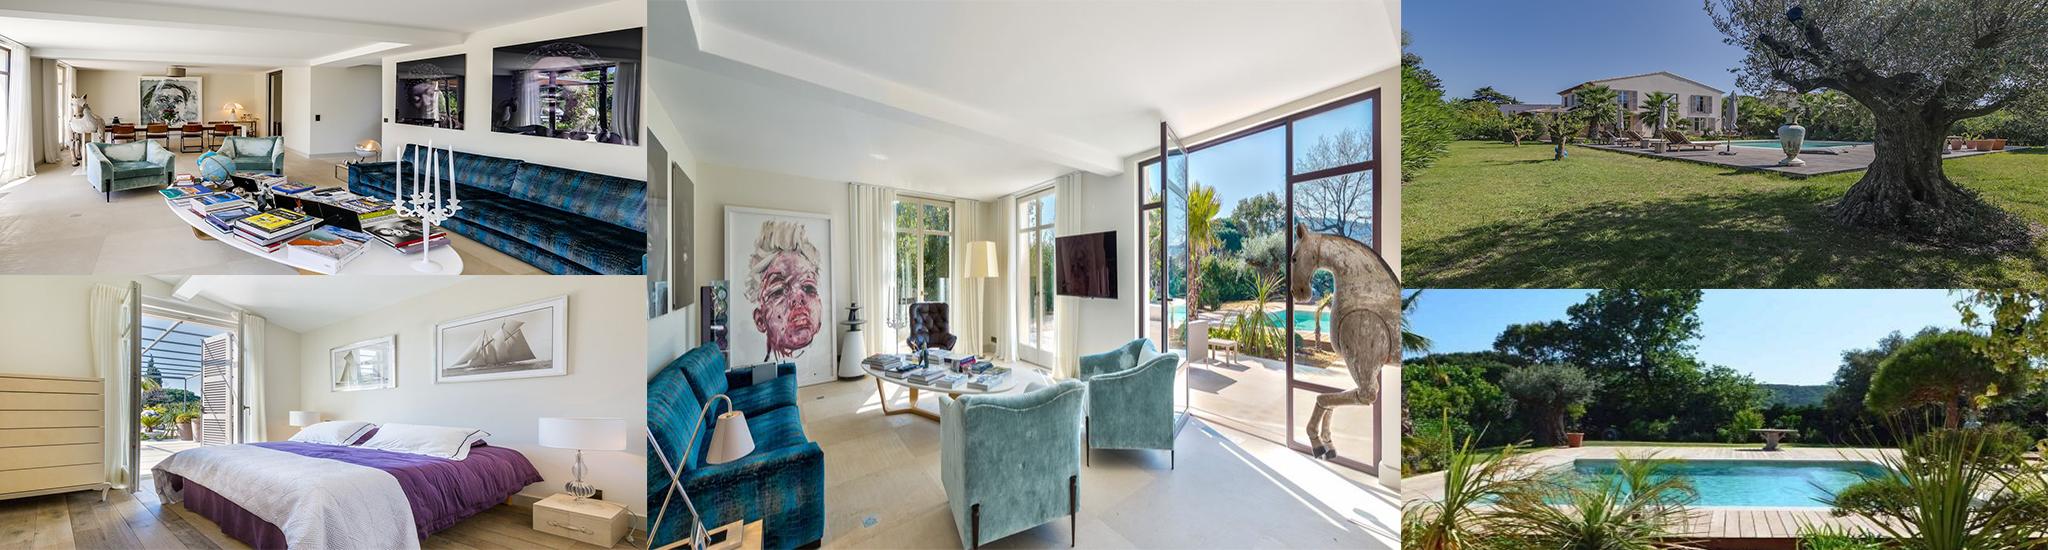 SAINT TROPEZ - 83990 El�gante villa proven�ale neuve de 220 m� � proximit� du centre du vil...